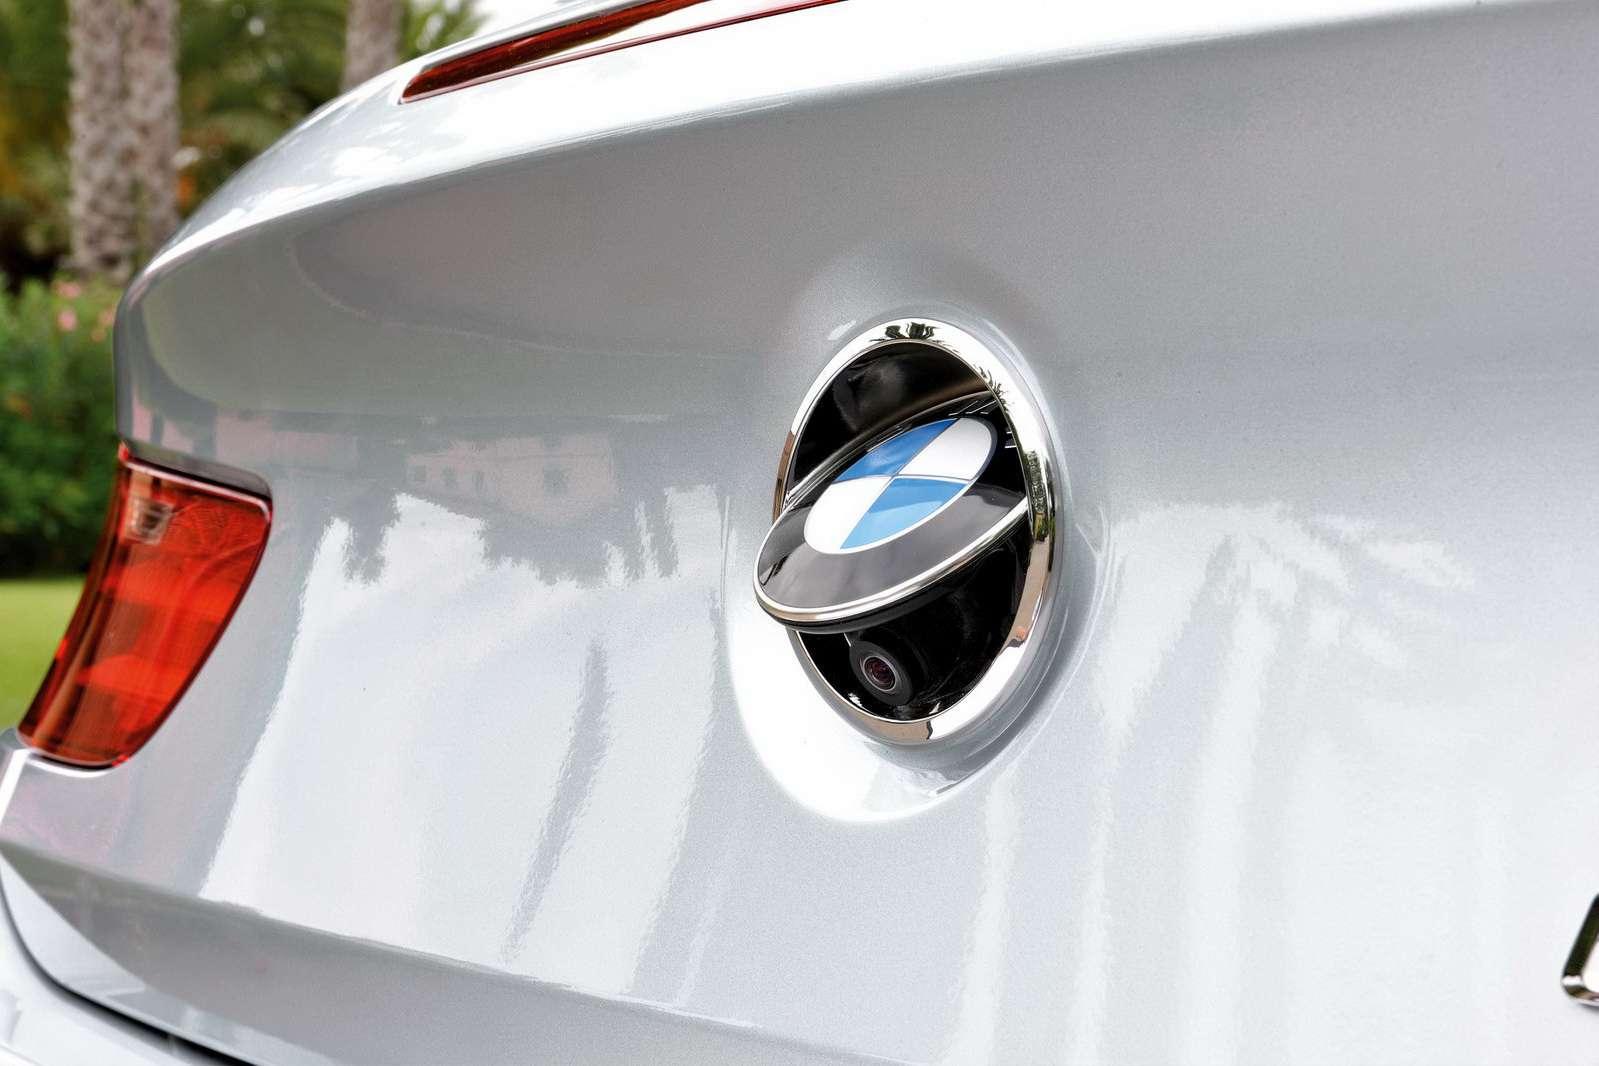 2012 BMW 650i Cabrio oficjalnie listopad 2010